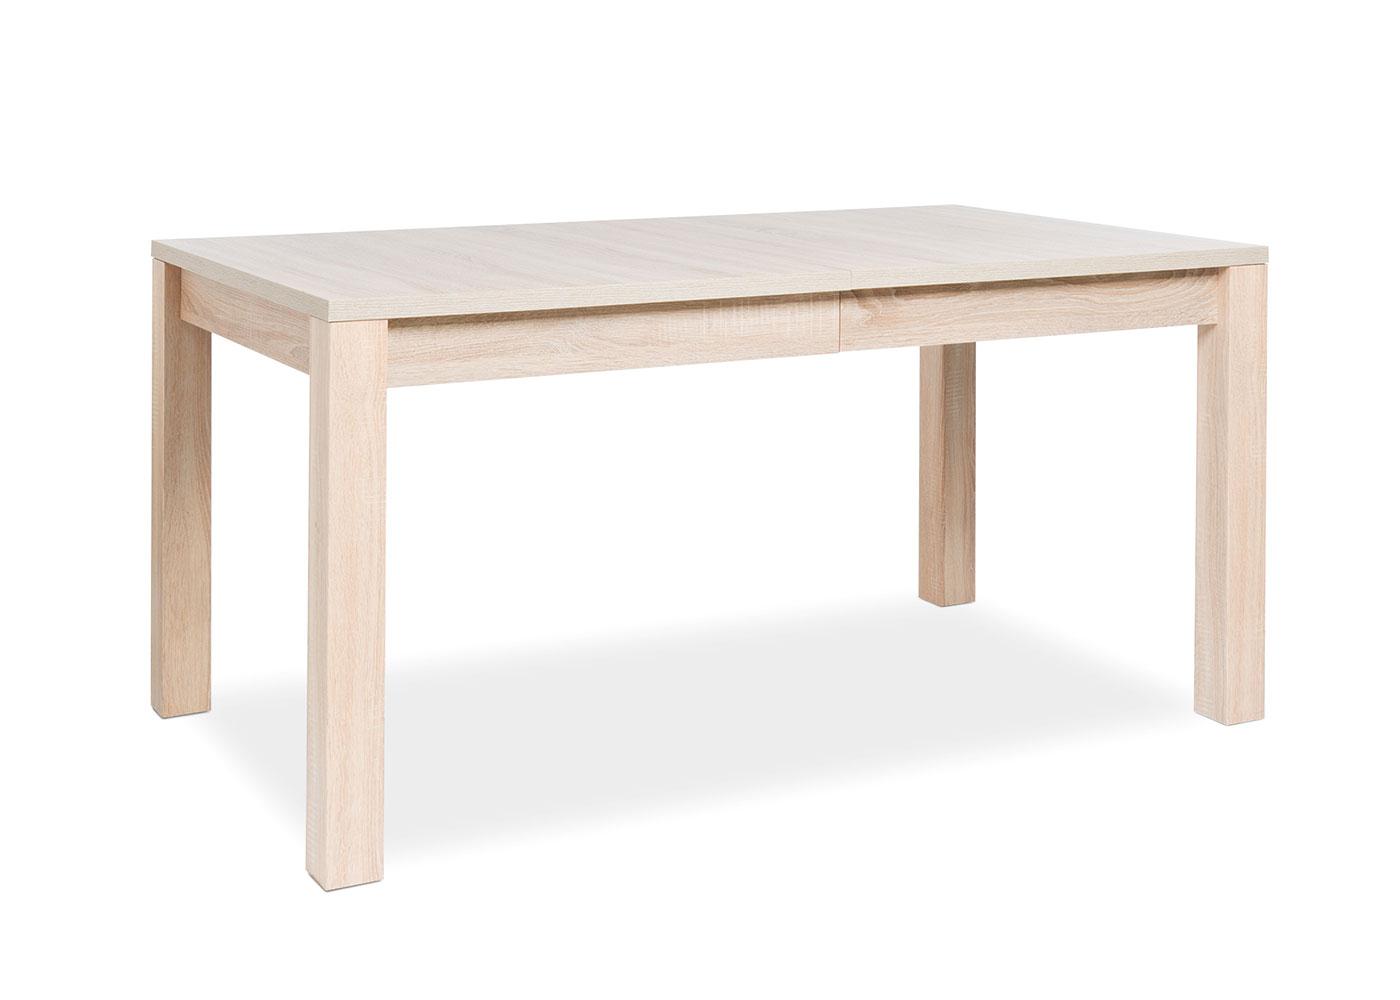 Jídelní stůl rozkládací Longy, 240 cm, dub